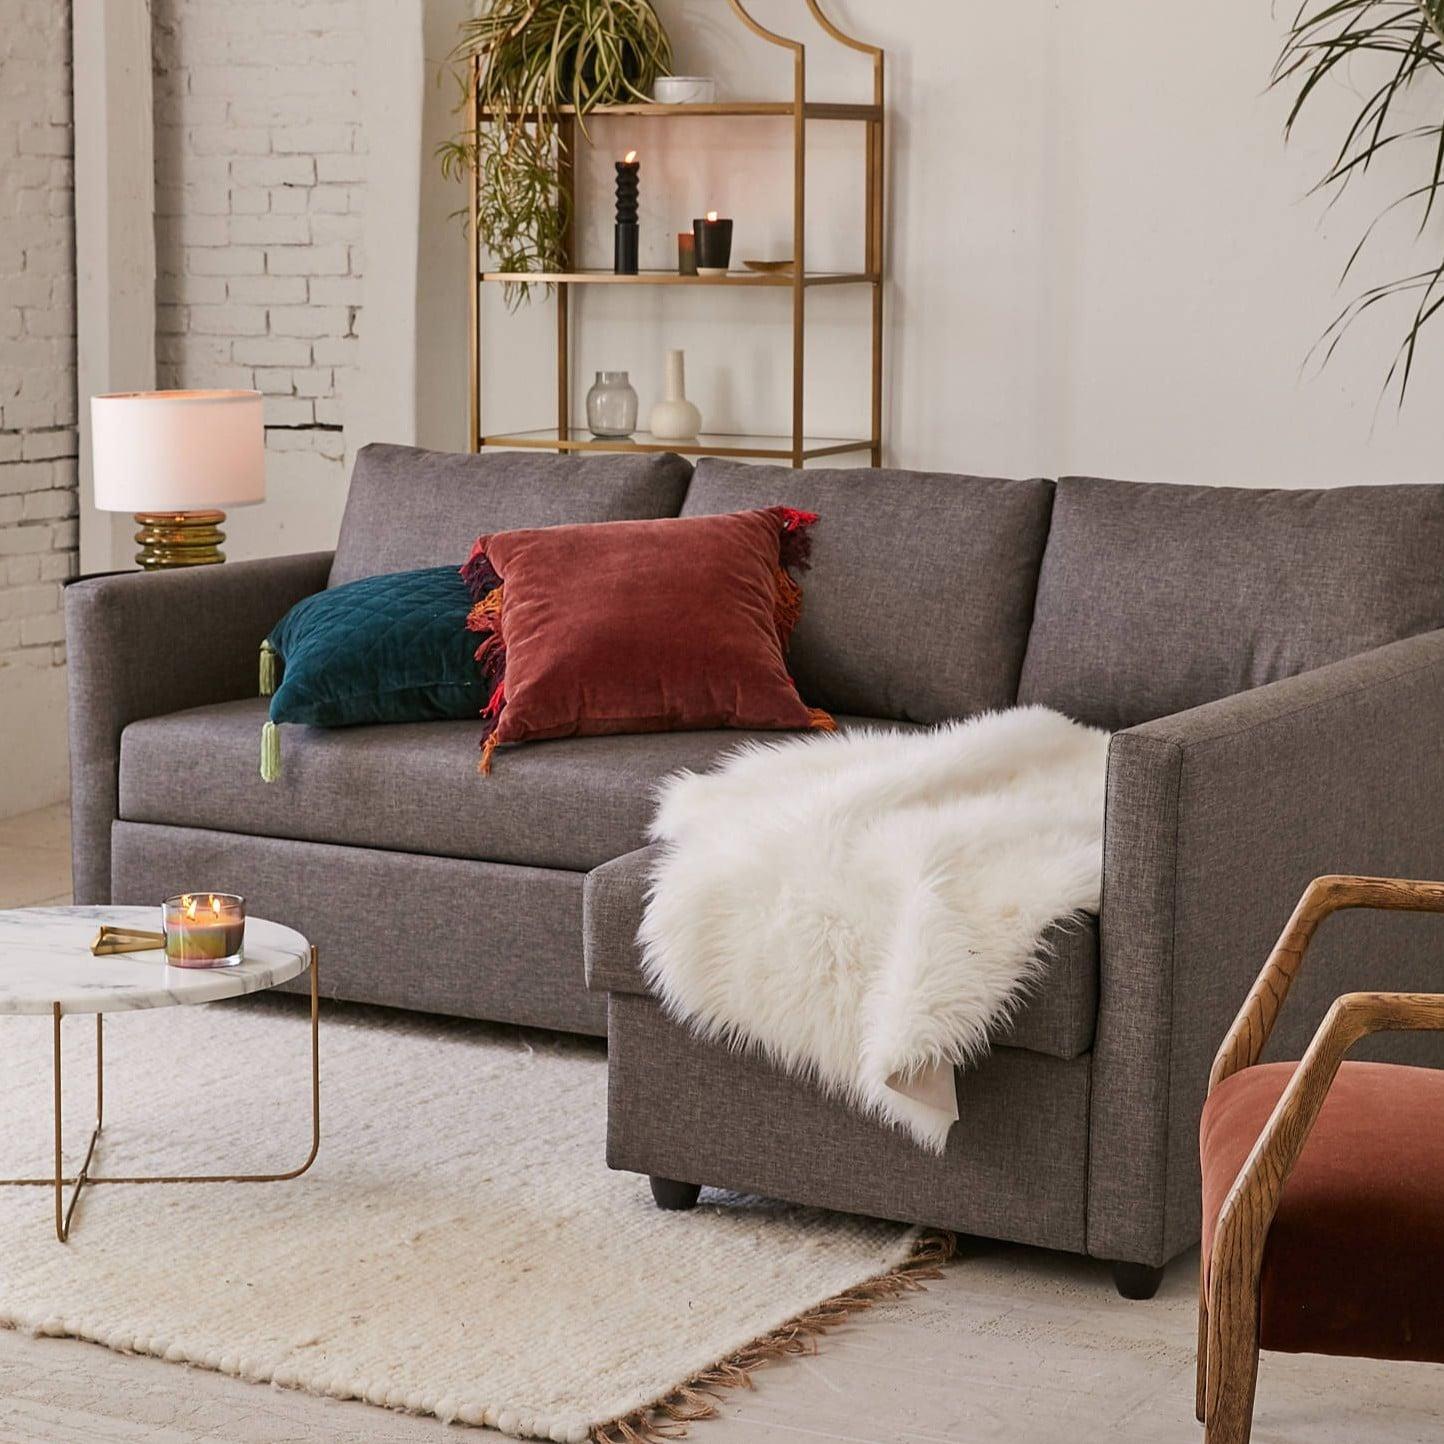 Best Living Room Furniture | POPSUGAR Home